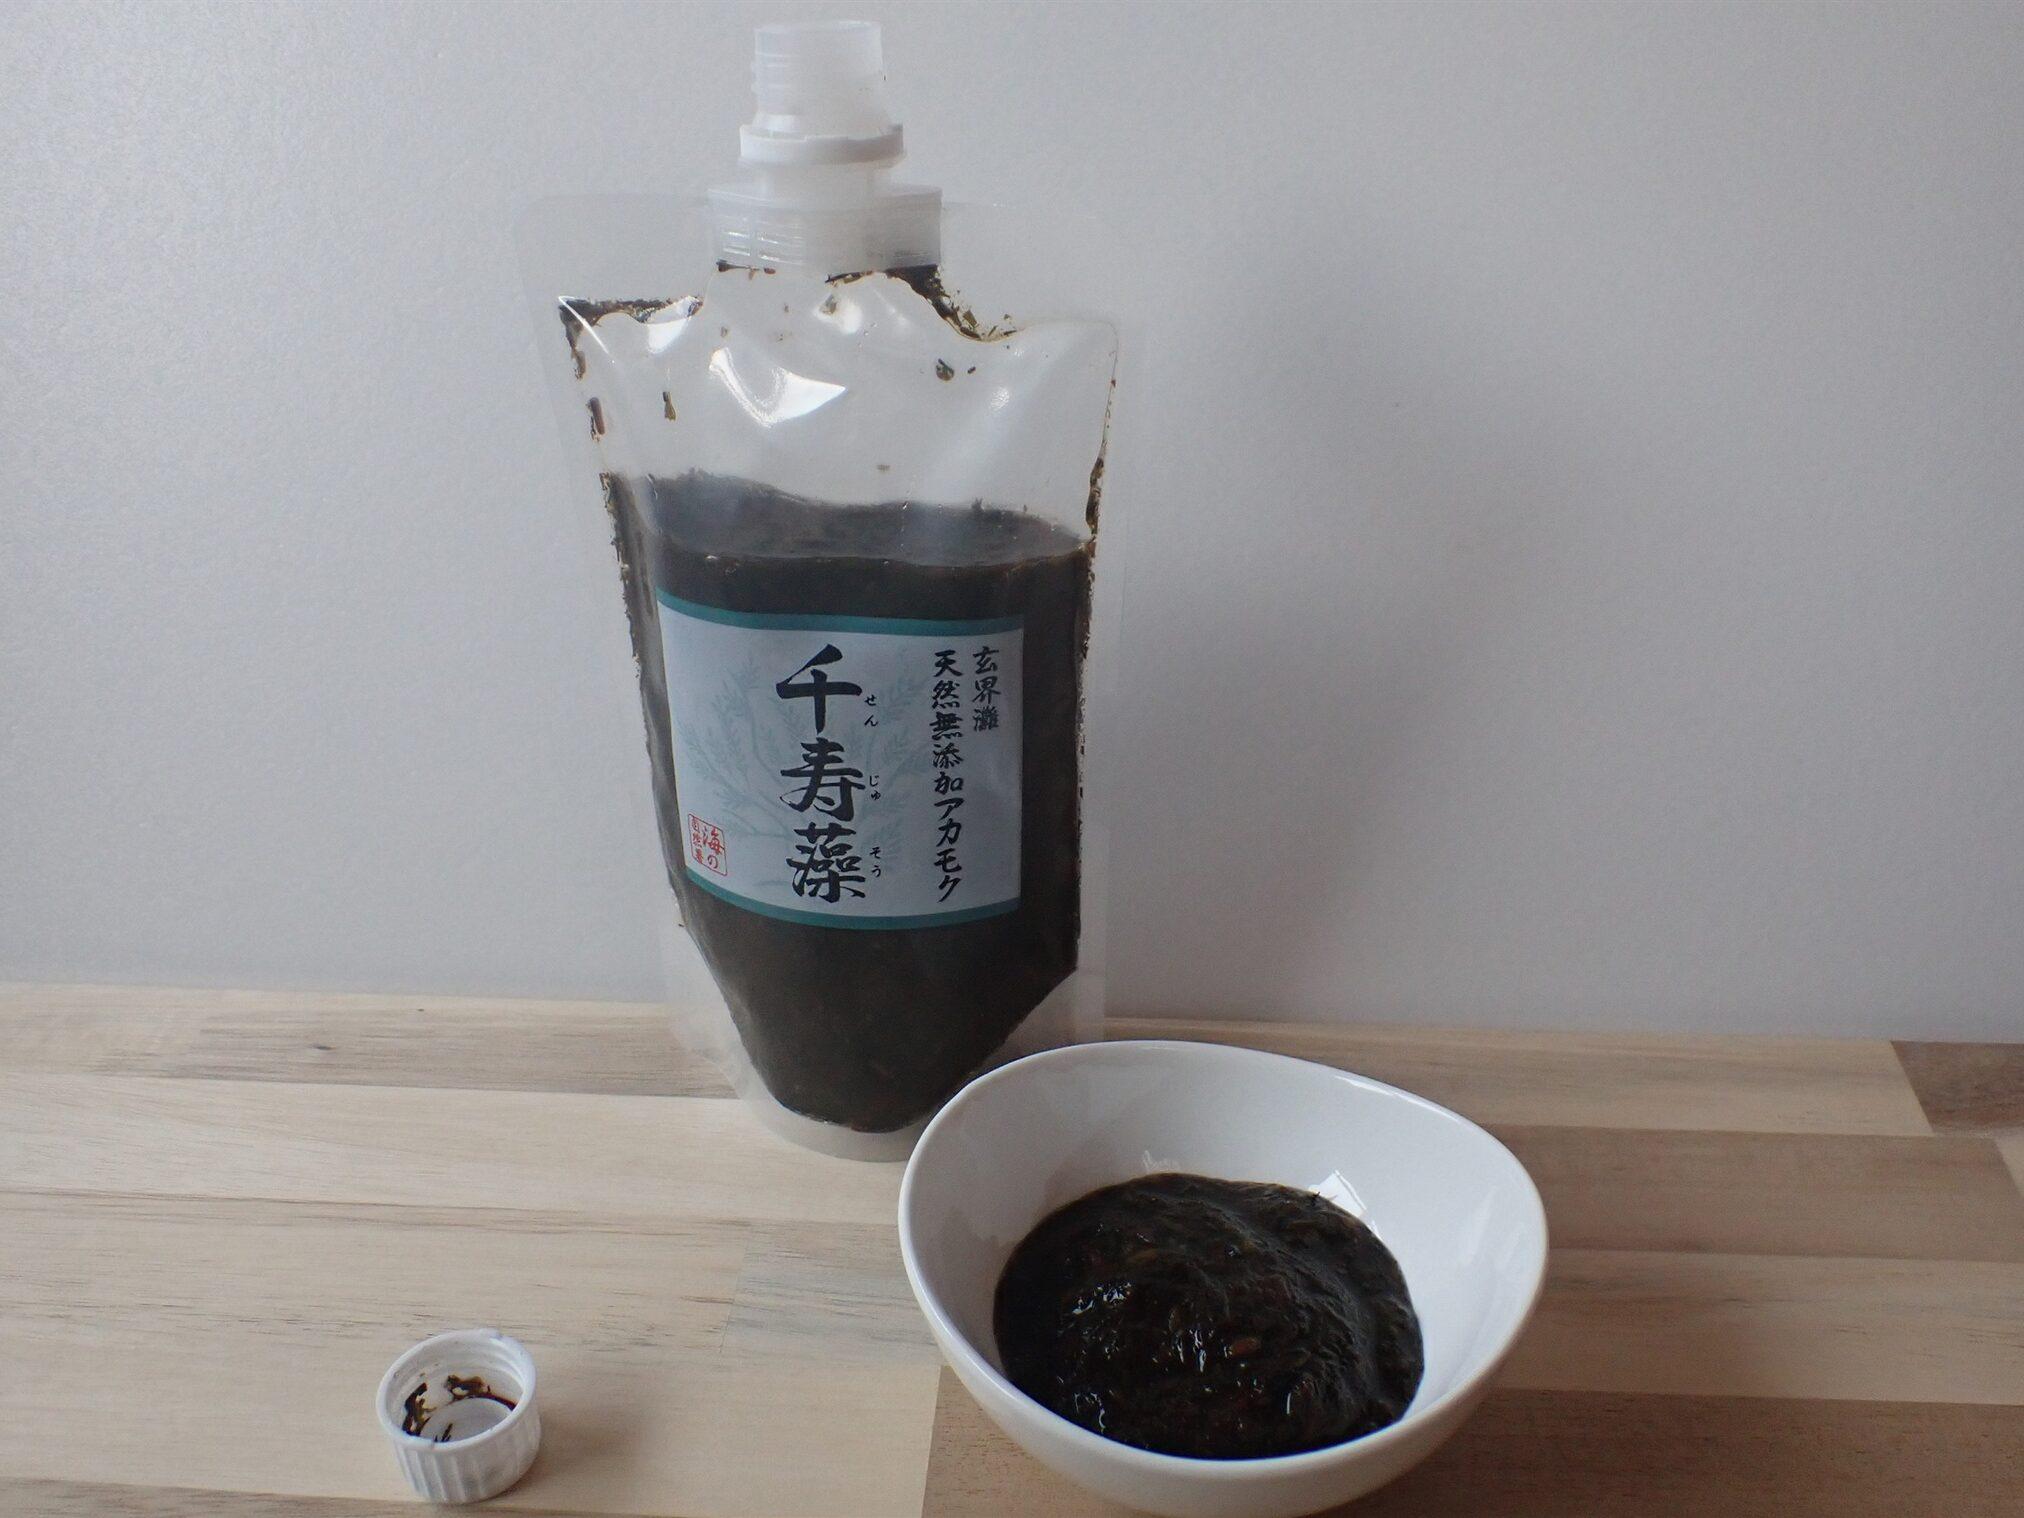 株式会社リプライオリティ 日本ウェルネス研究所 千寿藻(せんじゅそう)中身を出してみたアカモクの写真 開封写真